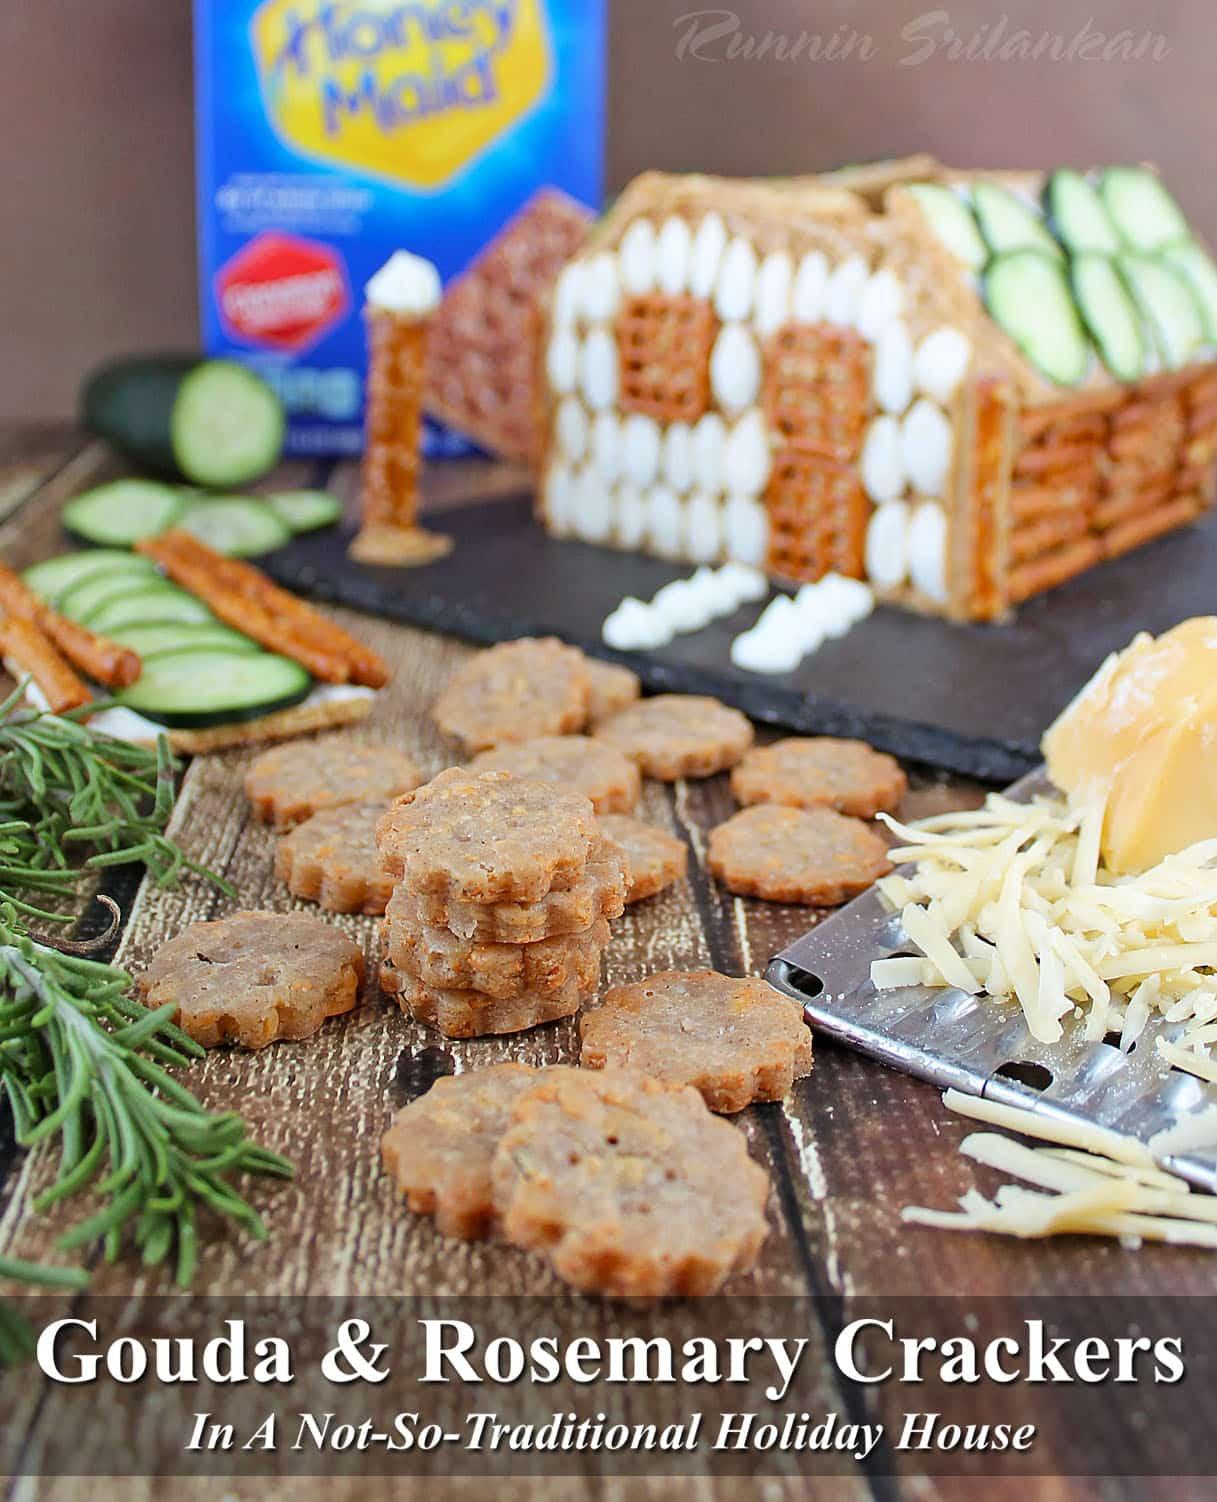 #HoneyMaidHouse Gouda Rosemary Crackers